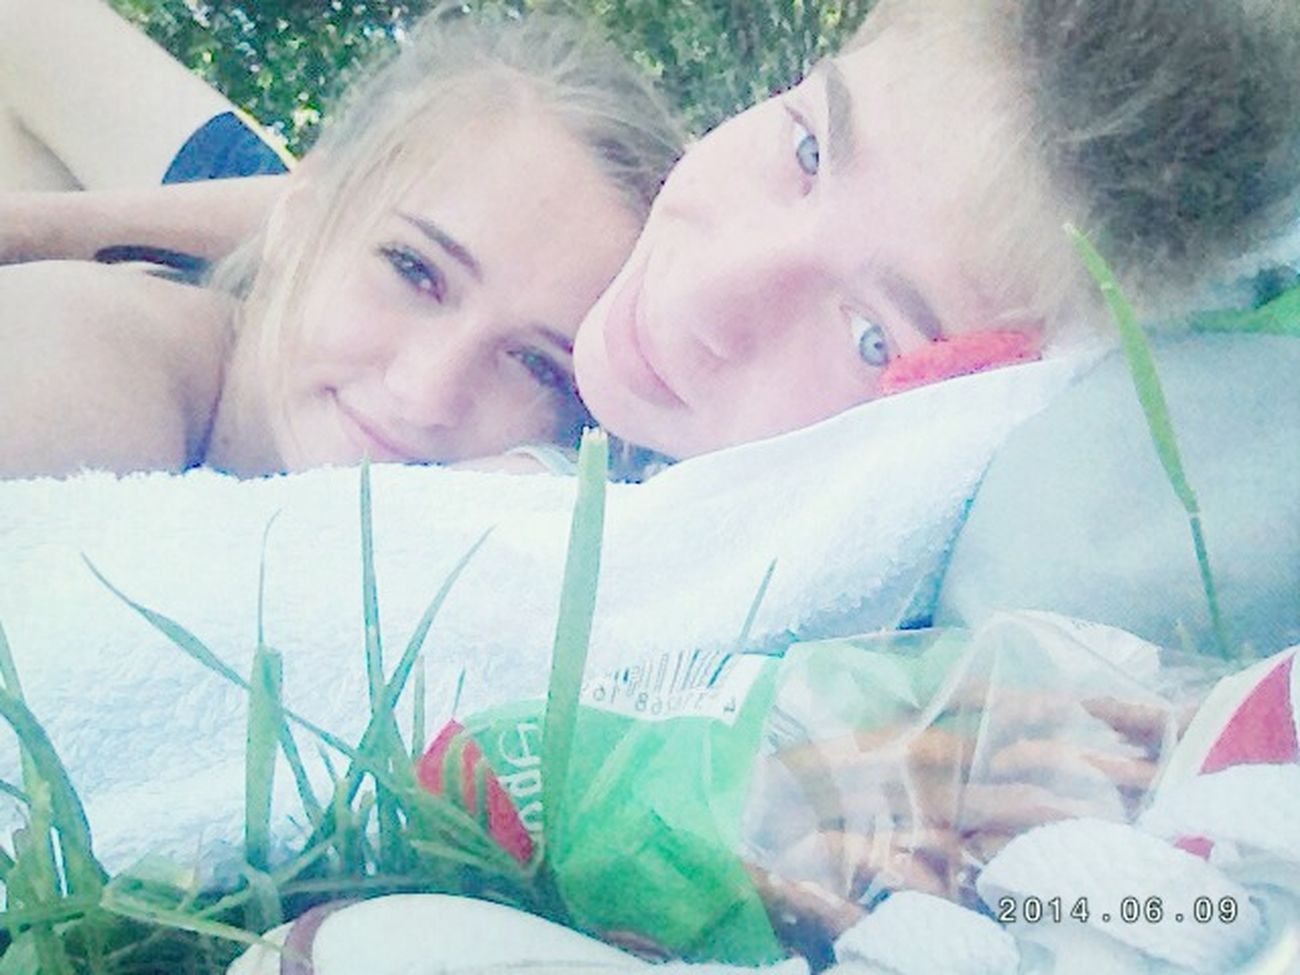 Boyfriend In Love Zusammen Eins! ❤️ Best Friends ❤️